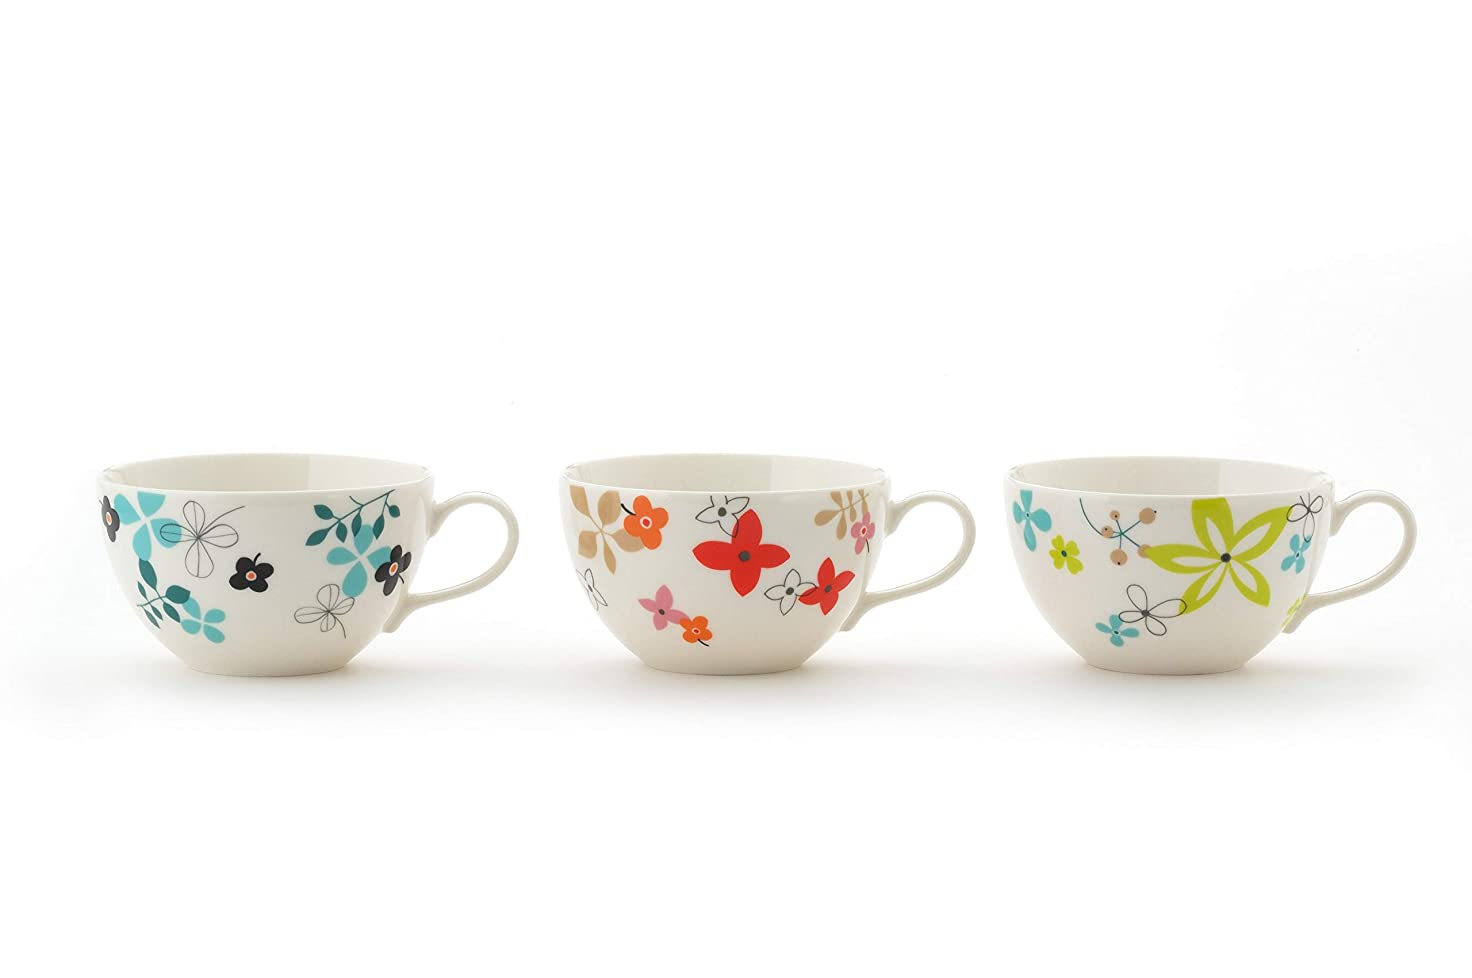 あいさつ安定アルカトラズ島東秀陶器 カップ_ソーサー 3柄 約340ml 北欧スタイル スープカップ(3柄組) 3個入 3個セット